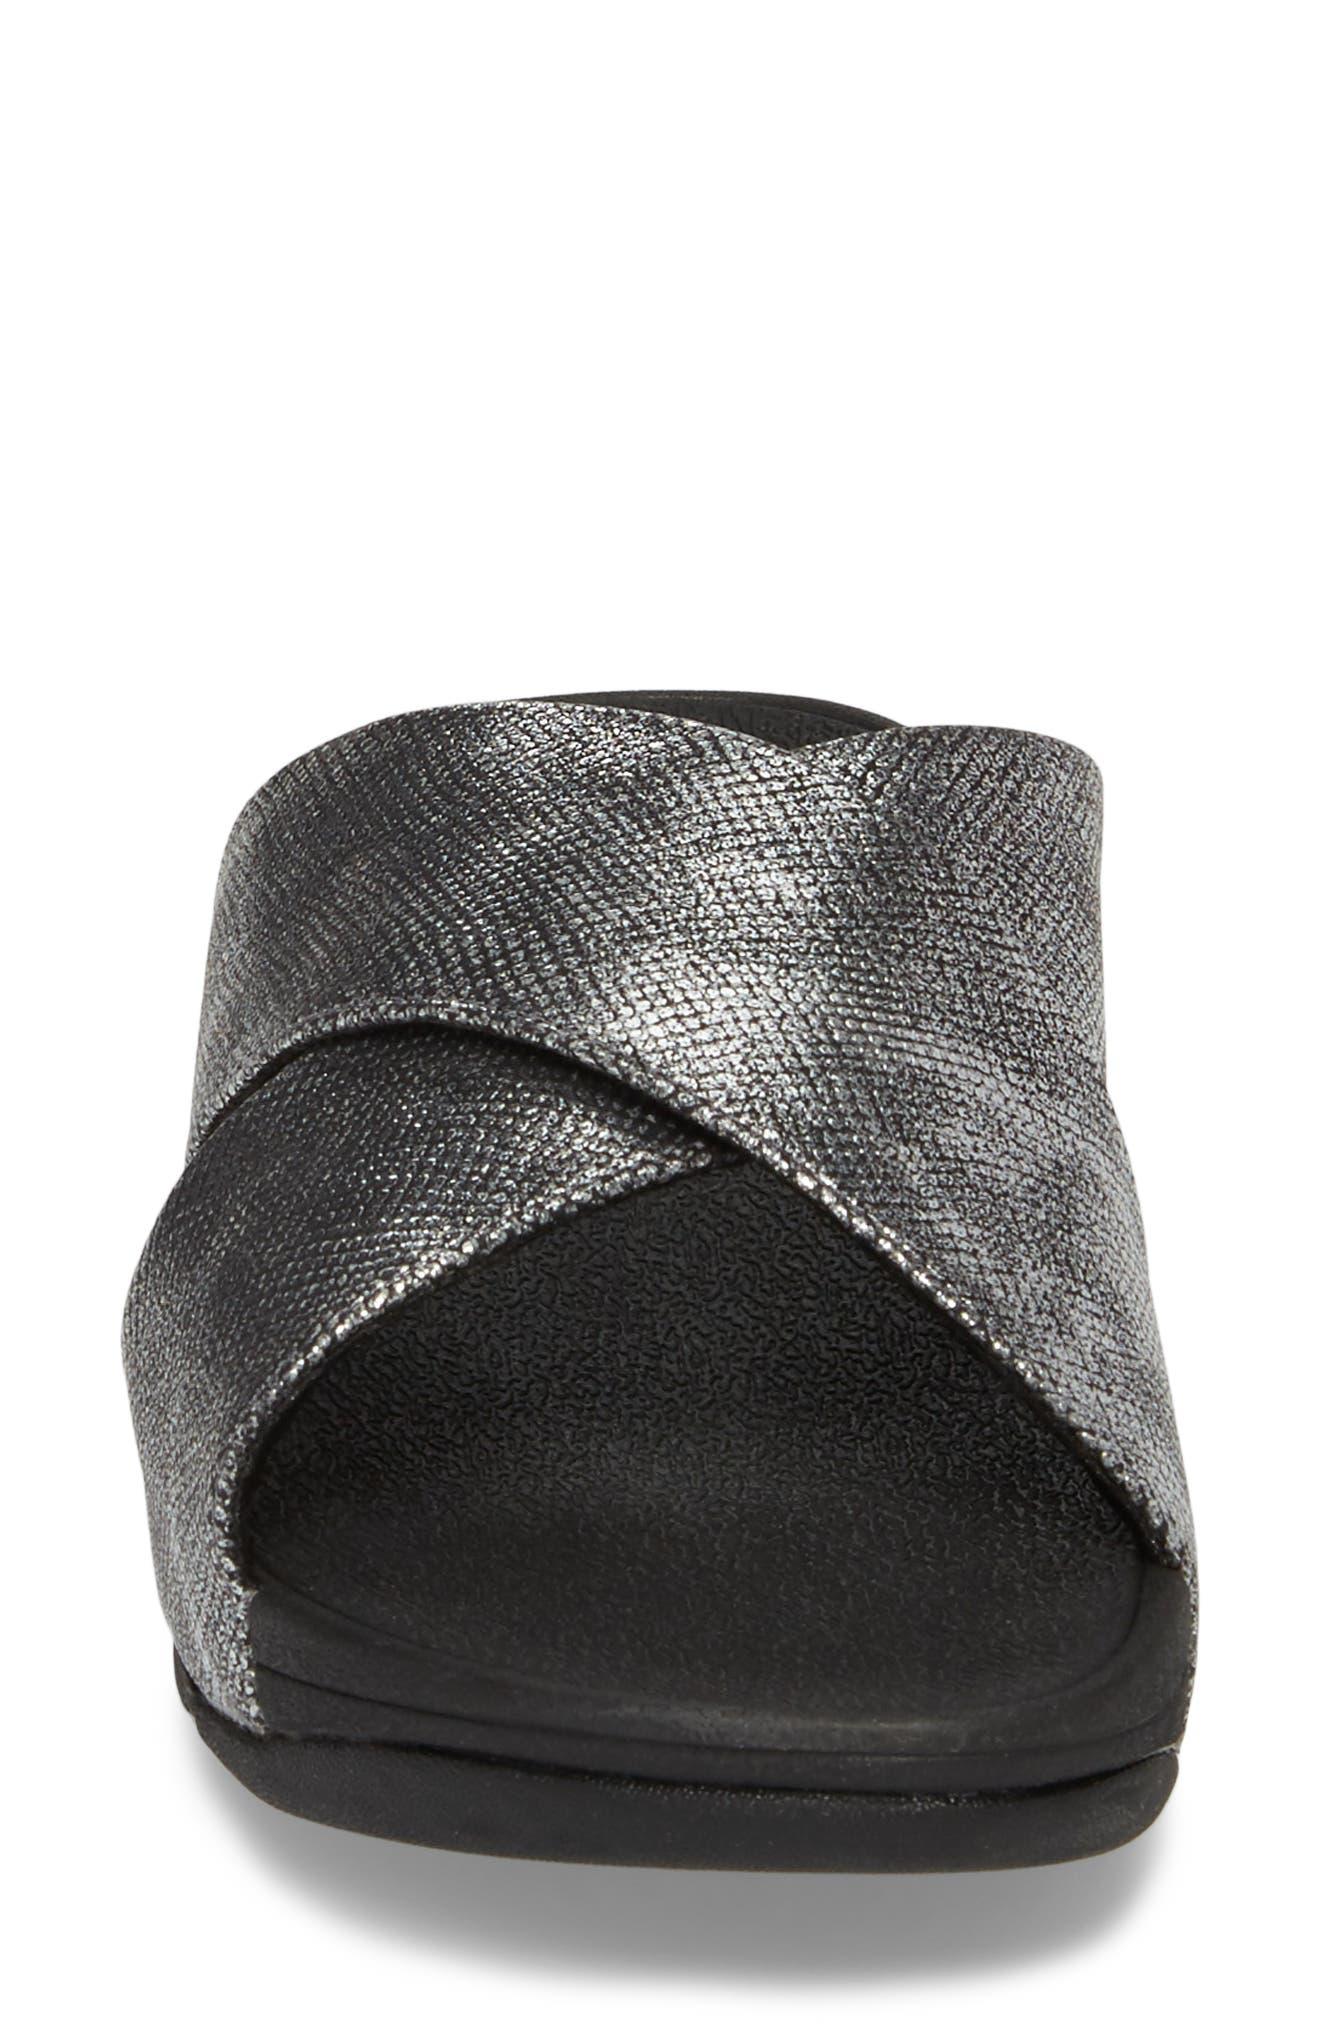 Lulu Cross Slide Sandal,                             Alternate thumbnail 4, color,                             BLACK SHIMMER PRINT